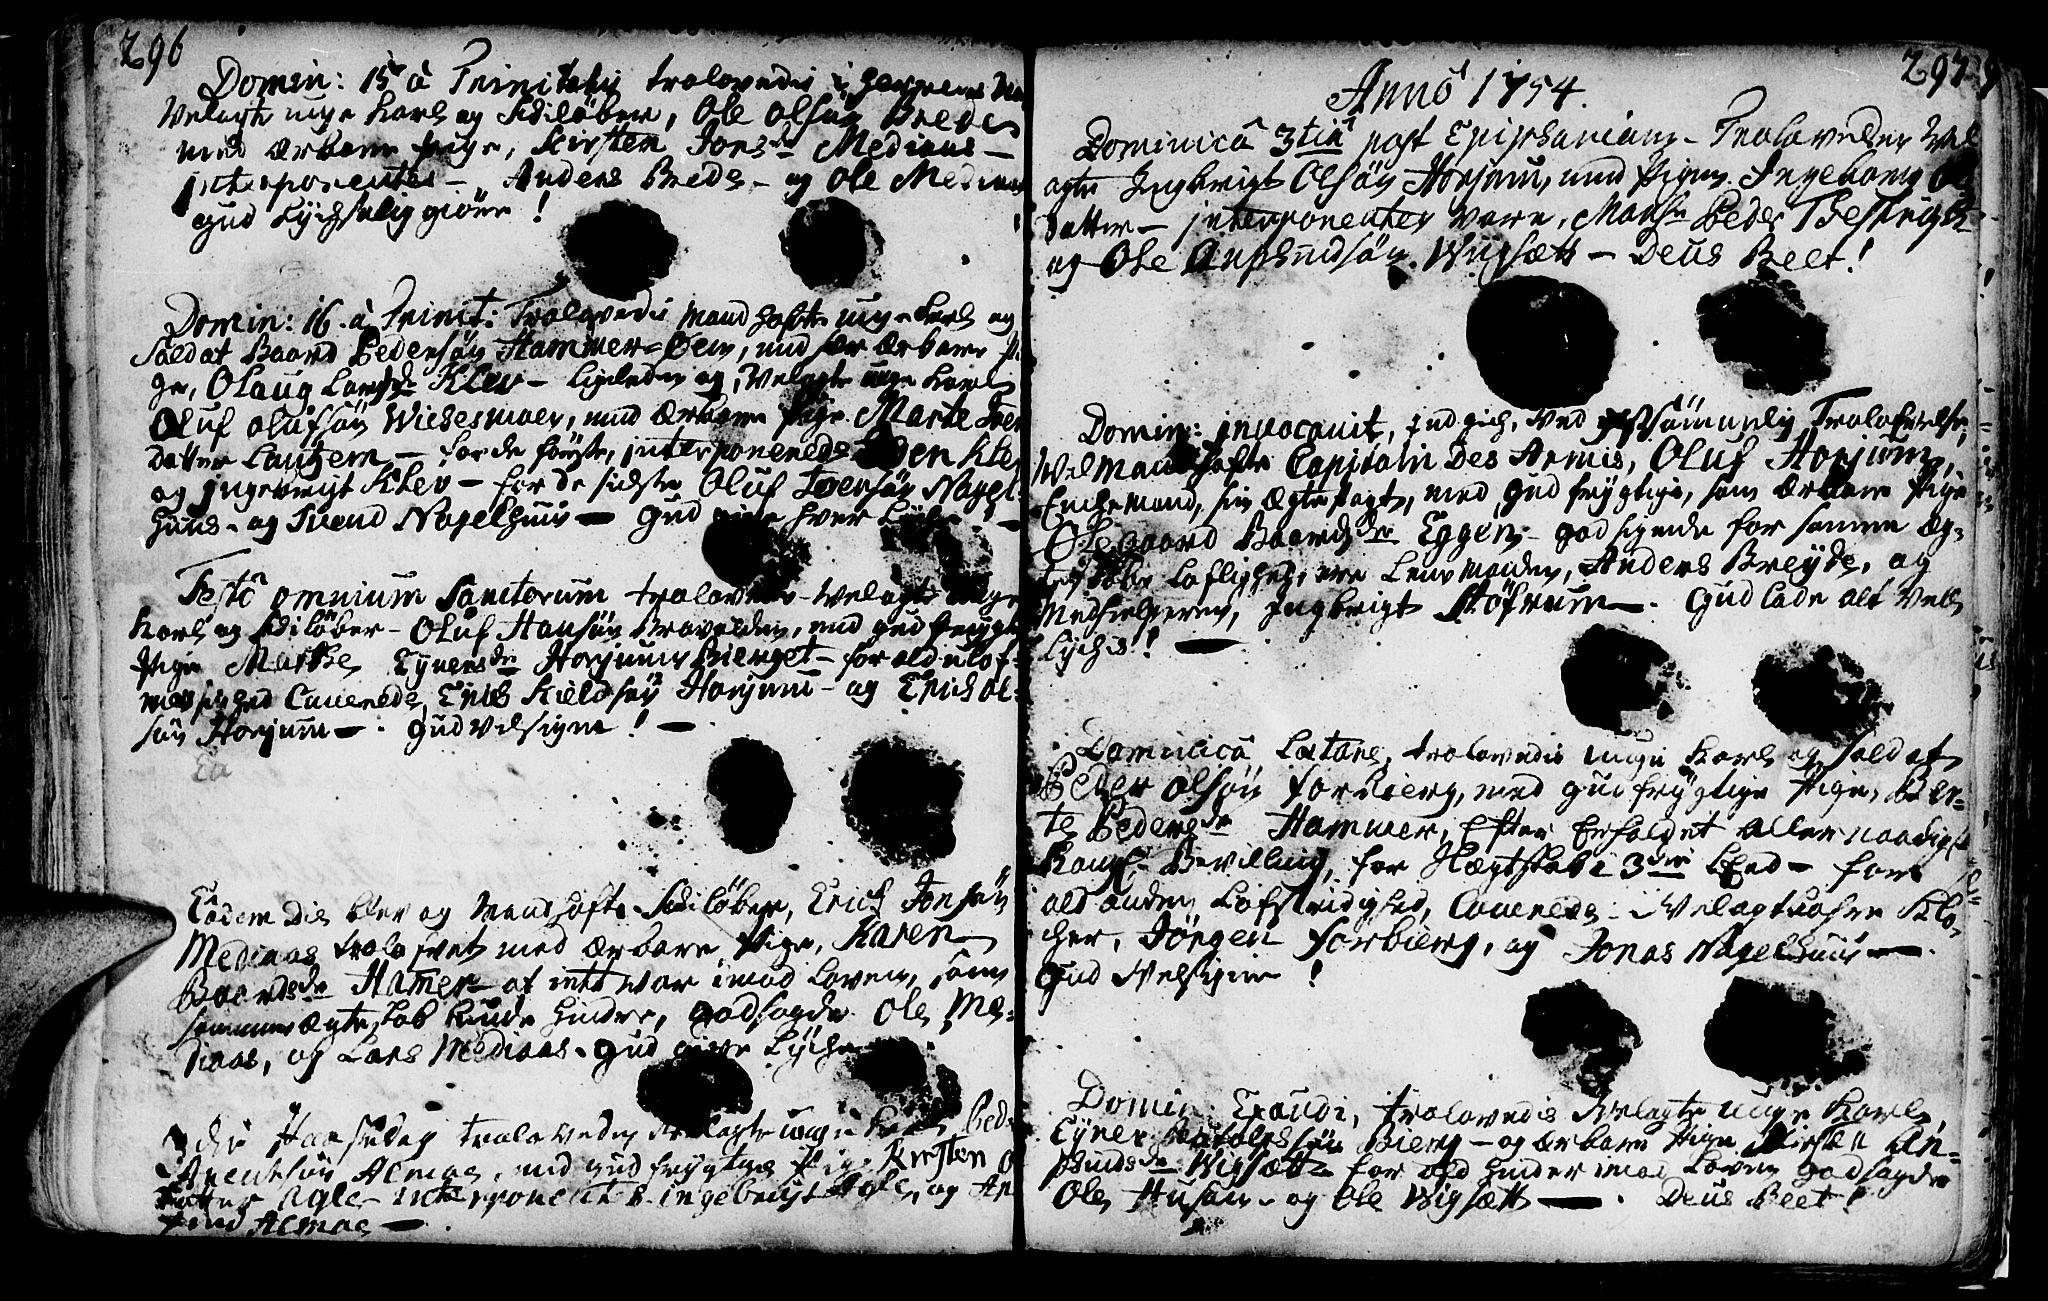 SAT, Ministerialprotokoller, klokkerbøker og fødselsregistre - Nord-Trøndelag, 749/L0467: Ministerialbok nr. 749A01, 1733-1787, s. 296-297